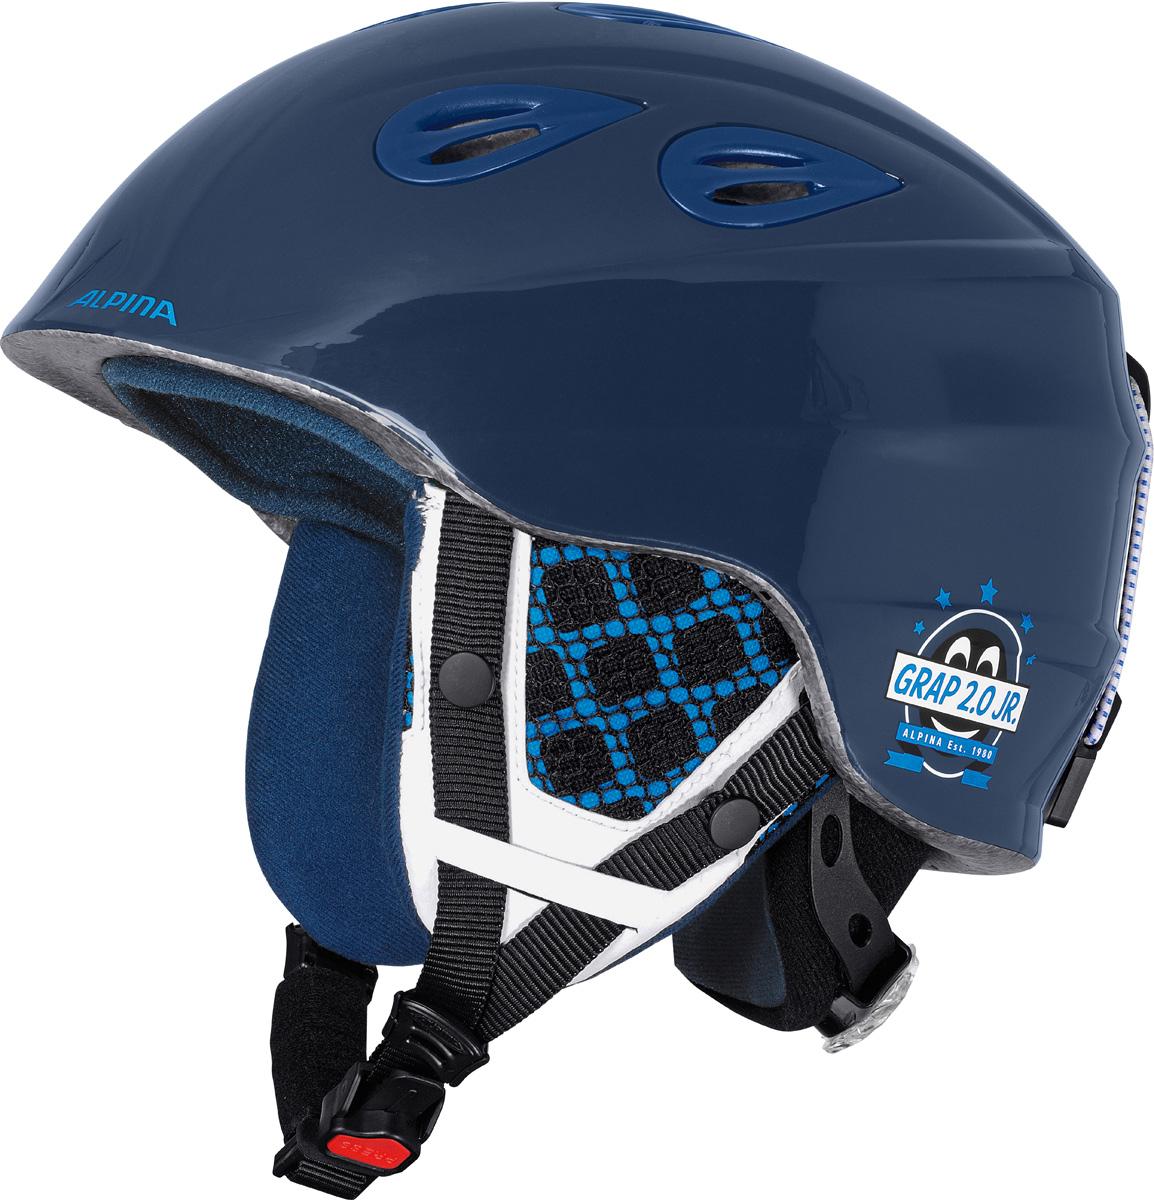 Шлем горнолыжный Alpina Grap 2.0 JR, цвет: темно-синий. A9086_81. Размер 51-54A9086_81Детская версия популярнейшего шлема Alpina Grap 2.0, сохранившая все технические преимущества взрослой модели. Технологии: Конструкция In-Mold - соединение внутреннего слоя из EPS (вспененного полистирола) с внешним покрытием под большим давлением в условиях высокой температуры. В результате внешняя поликарбонатная оболочка сохраняет форму конструкции, предотвращая поломку и попадание осколков внутрь шлема, а внутренний слой Hi-EPS, состоящий из множества наполненных воздухом гранул, амортизирует ударную волну, защищая голову райдера от повреждений. Внешнее покрытие Ceramic Shell обеспечивает повышенную ударопрочность и износостойкость, а также обладает защитой от УФ-излучений, препятствующей выгоранию на солнце, и антистатичными свойствами. Съемный внутренний тканевый слой. Подкладку можно постирать и легко вставить обратно. Своевременный уход за внутренником предотвращает появление неприятного запаха. Вентиляционная система с раздвижным механизмом с возможностью регулировки интенсивности потока воздуха. Классическая система регулировки в шлемах Alpina Run System с регулировочным кольцом на затылке позволяет быстро и легко подобрать оптимальную и комфортную плотность посадки на голове. Съемные ушки согревают в холодную погоду, а в теплую компактно хранятся в кармане куртки. Шейный воротник из микрофлиса в задней части шлема быстро согревает и не давит на шею. Ремешок фиксируется кнопкой с запирающим механизмом. Застежка максимально удобна для использования в перчатках. Система Edge Protect в конструкции шлема защищает голову горнолыжника при боковом ударе. Система Y-Clip гарантирует оптимальную посадку с миллиметровой точностью. Y-зажим соединяет два ремешка вместе и удобно фиксирует их под ухом. Съемные элементы позволяют использовать шлем всесезонно.Как выбрать горные лыжи для ребёнка. Статья OZON Гид